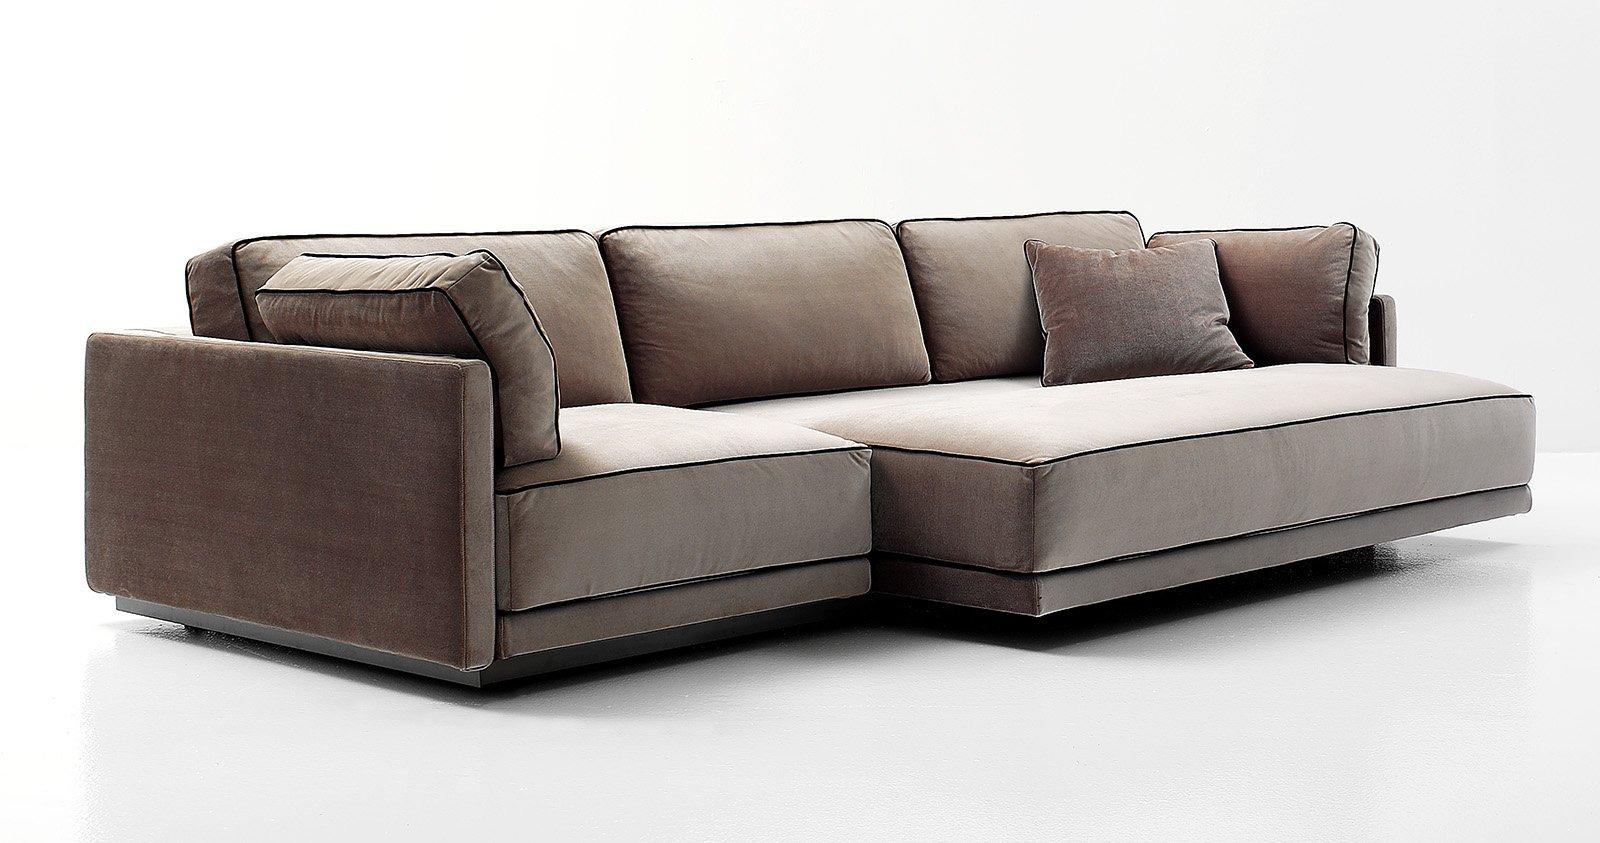 divani con meccanismi per ogni tipo di relax cose di casa